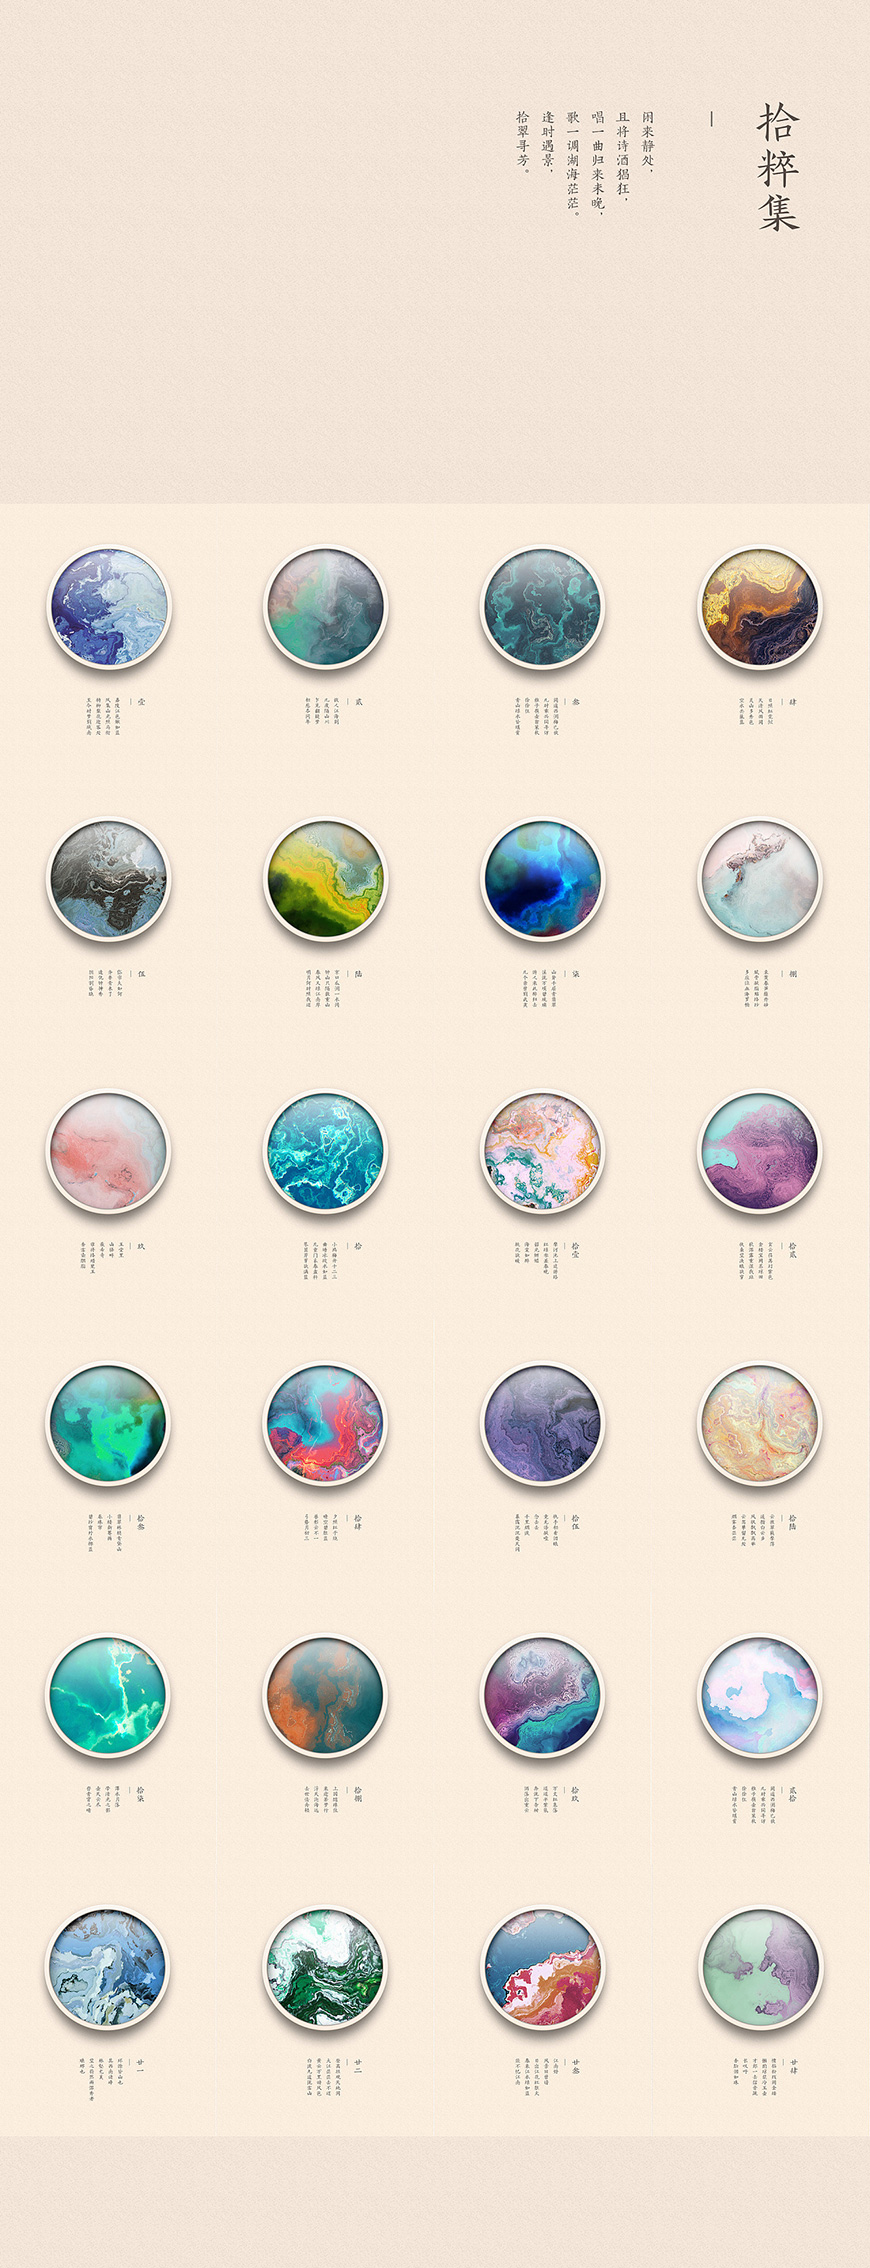 AE教程!教你5分钟搞定惊艳的颜料风格艺术